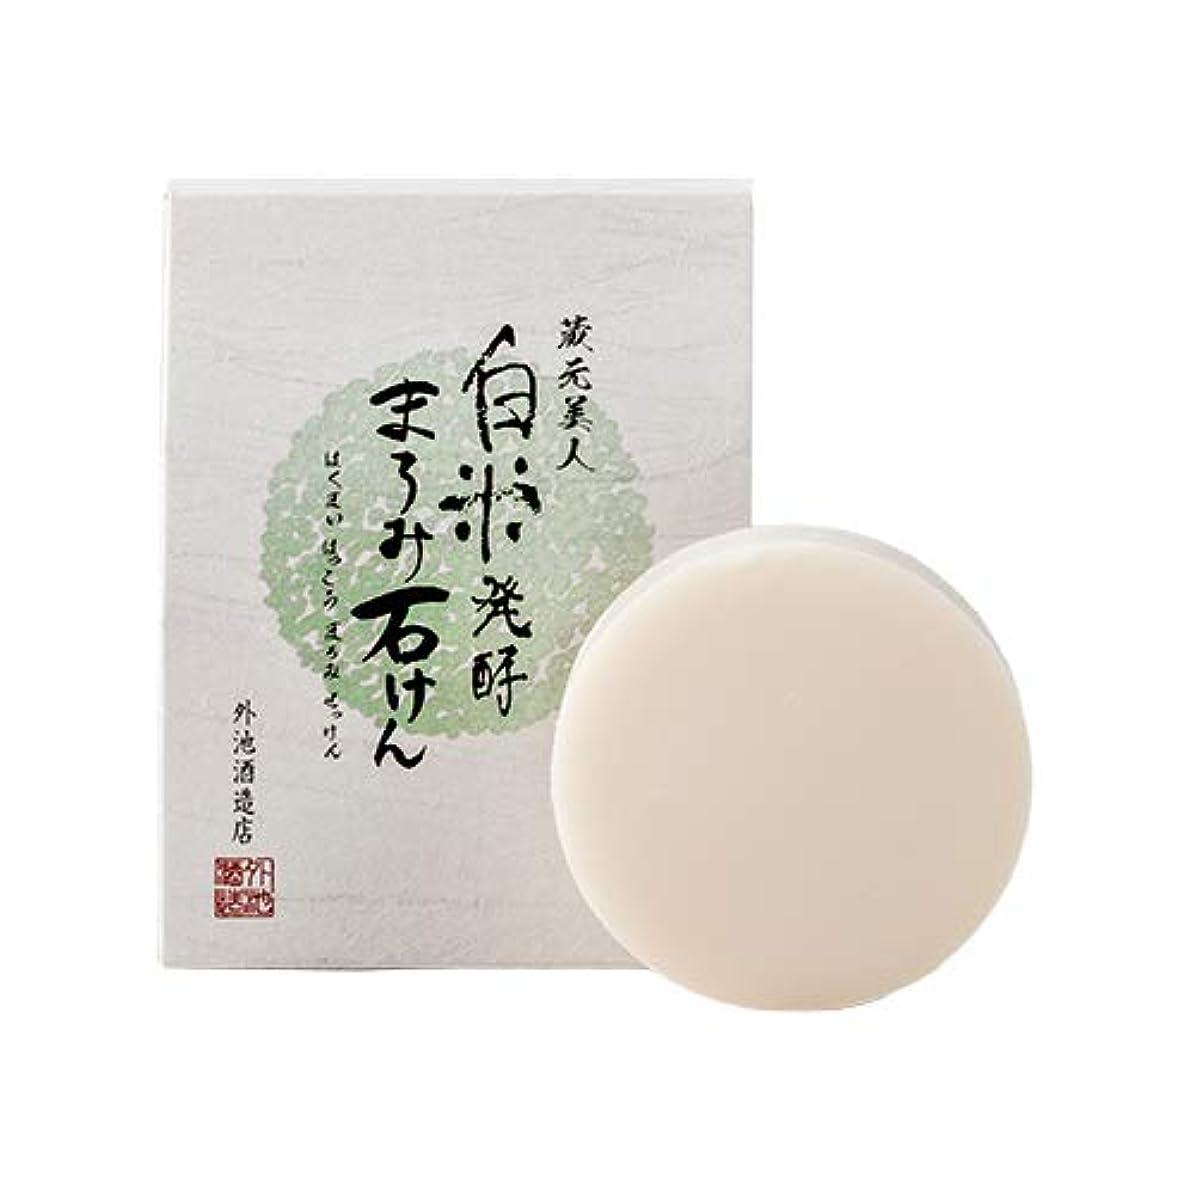 涙が出るブロークロール白米発酵まろみ石けん / 100g